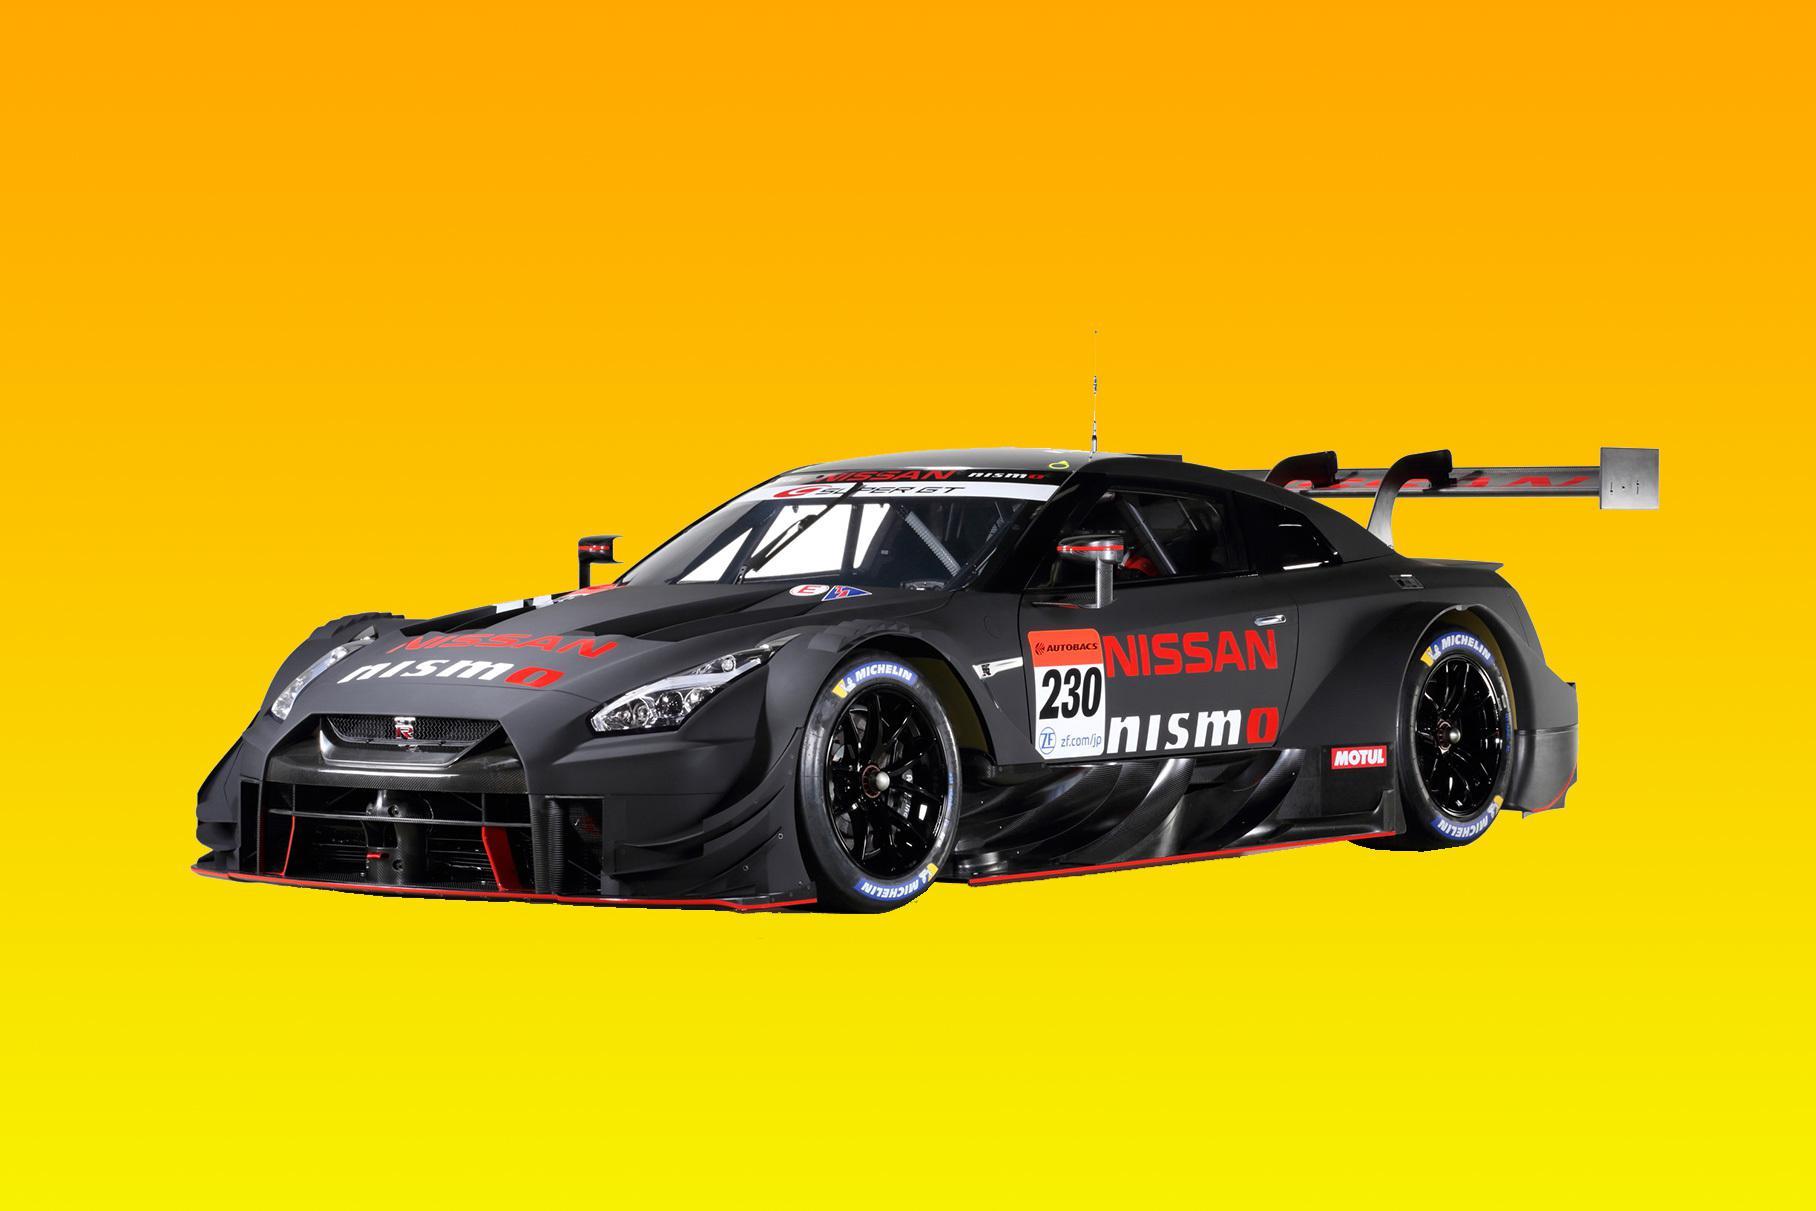 Японский концерн «Ниссан» опубликовал первые снимки GT-R Nismo GT500, созданного для участия в гоночных сериях Super GT и DTM. В соответствии с регламентом автомобиль оснащен 2,0-литровой «турбочетверкой» мощностью не больше 620 л.с.